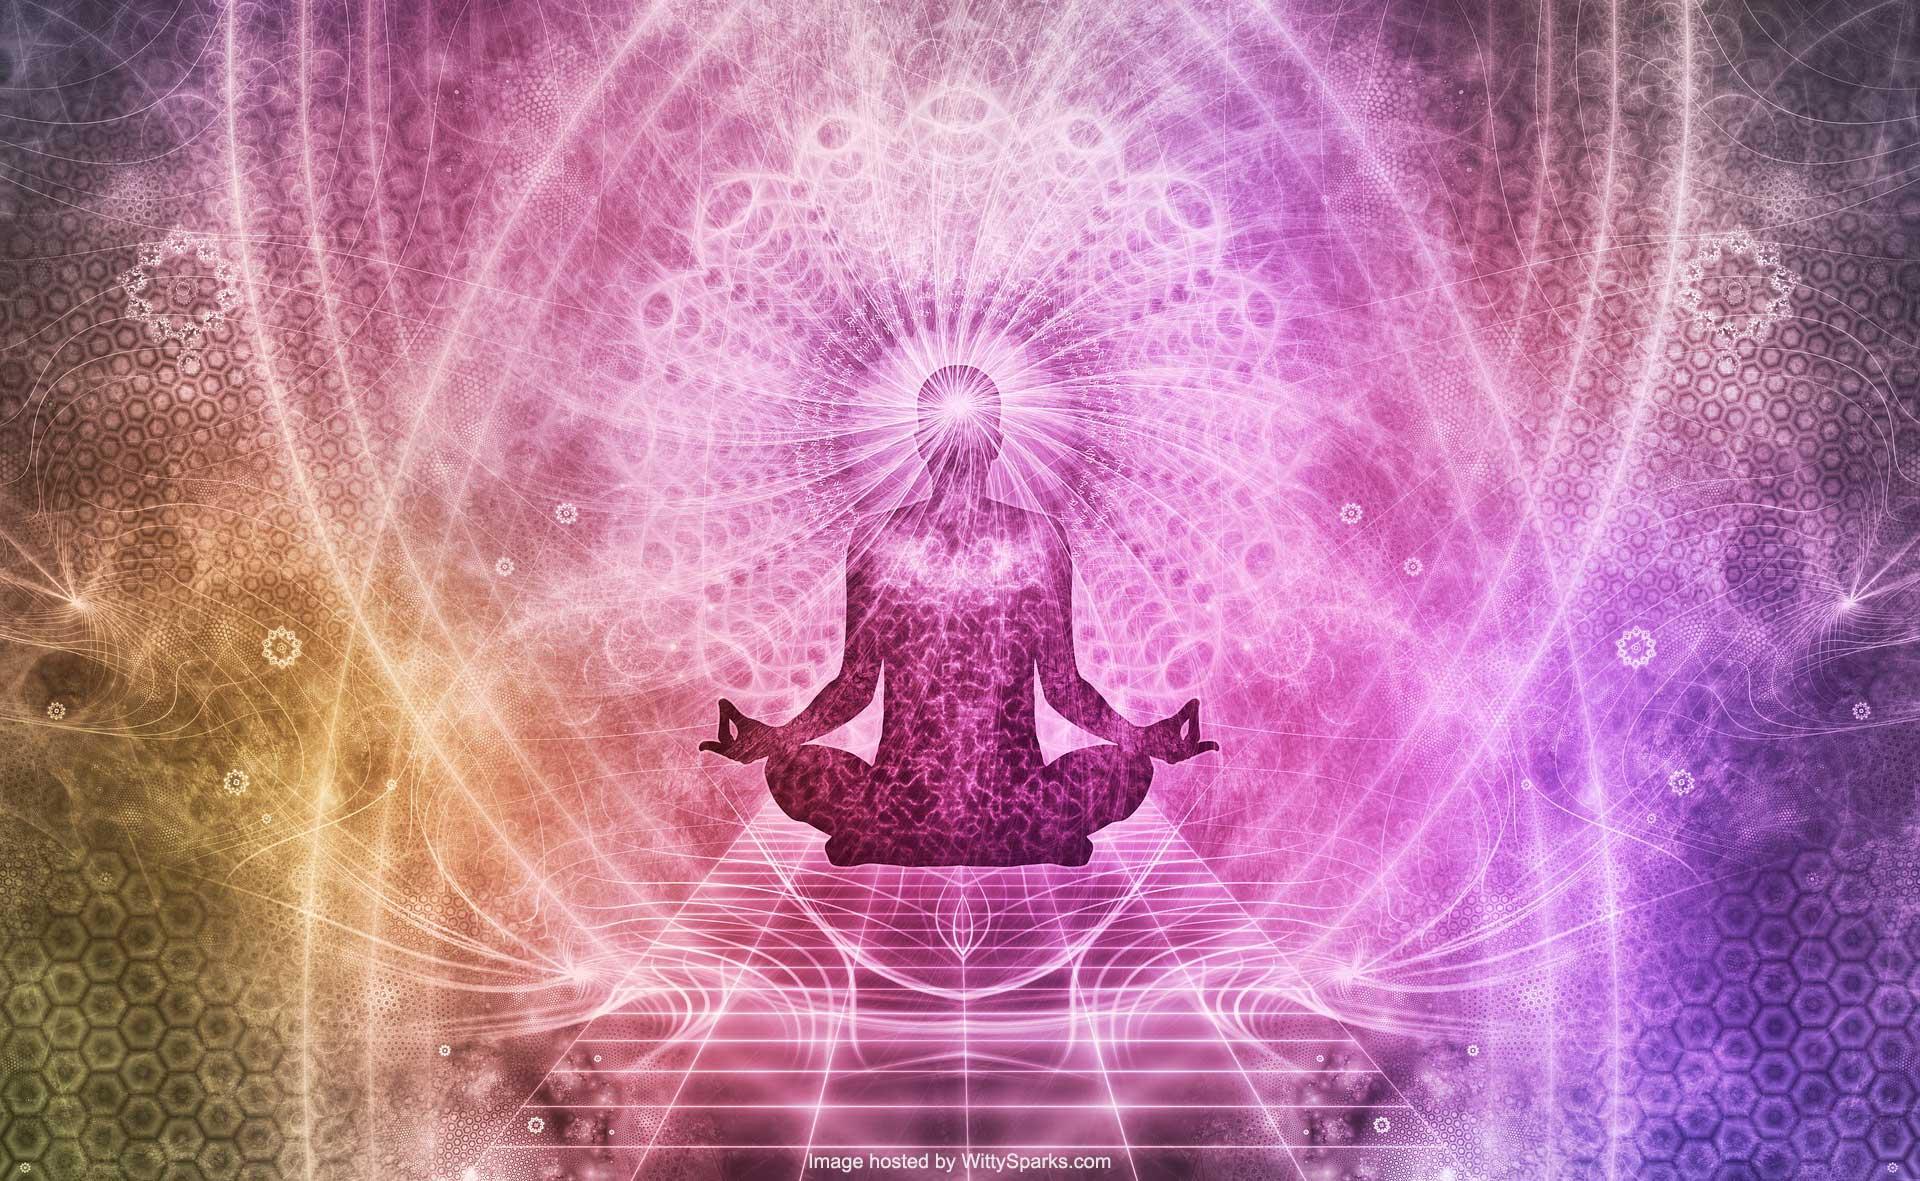 Health, the Body and Spiritual Awakening